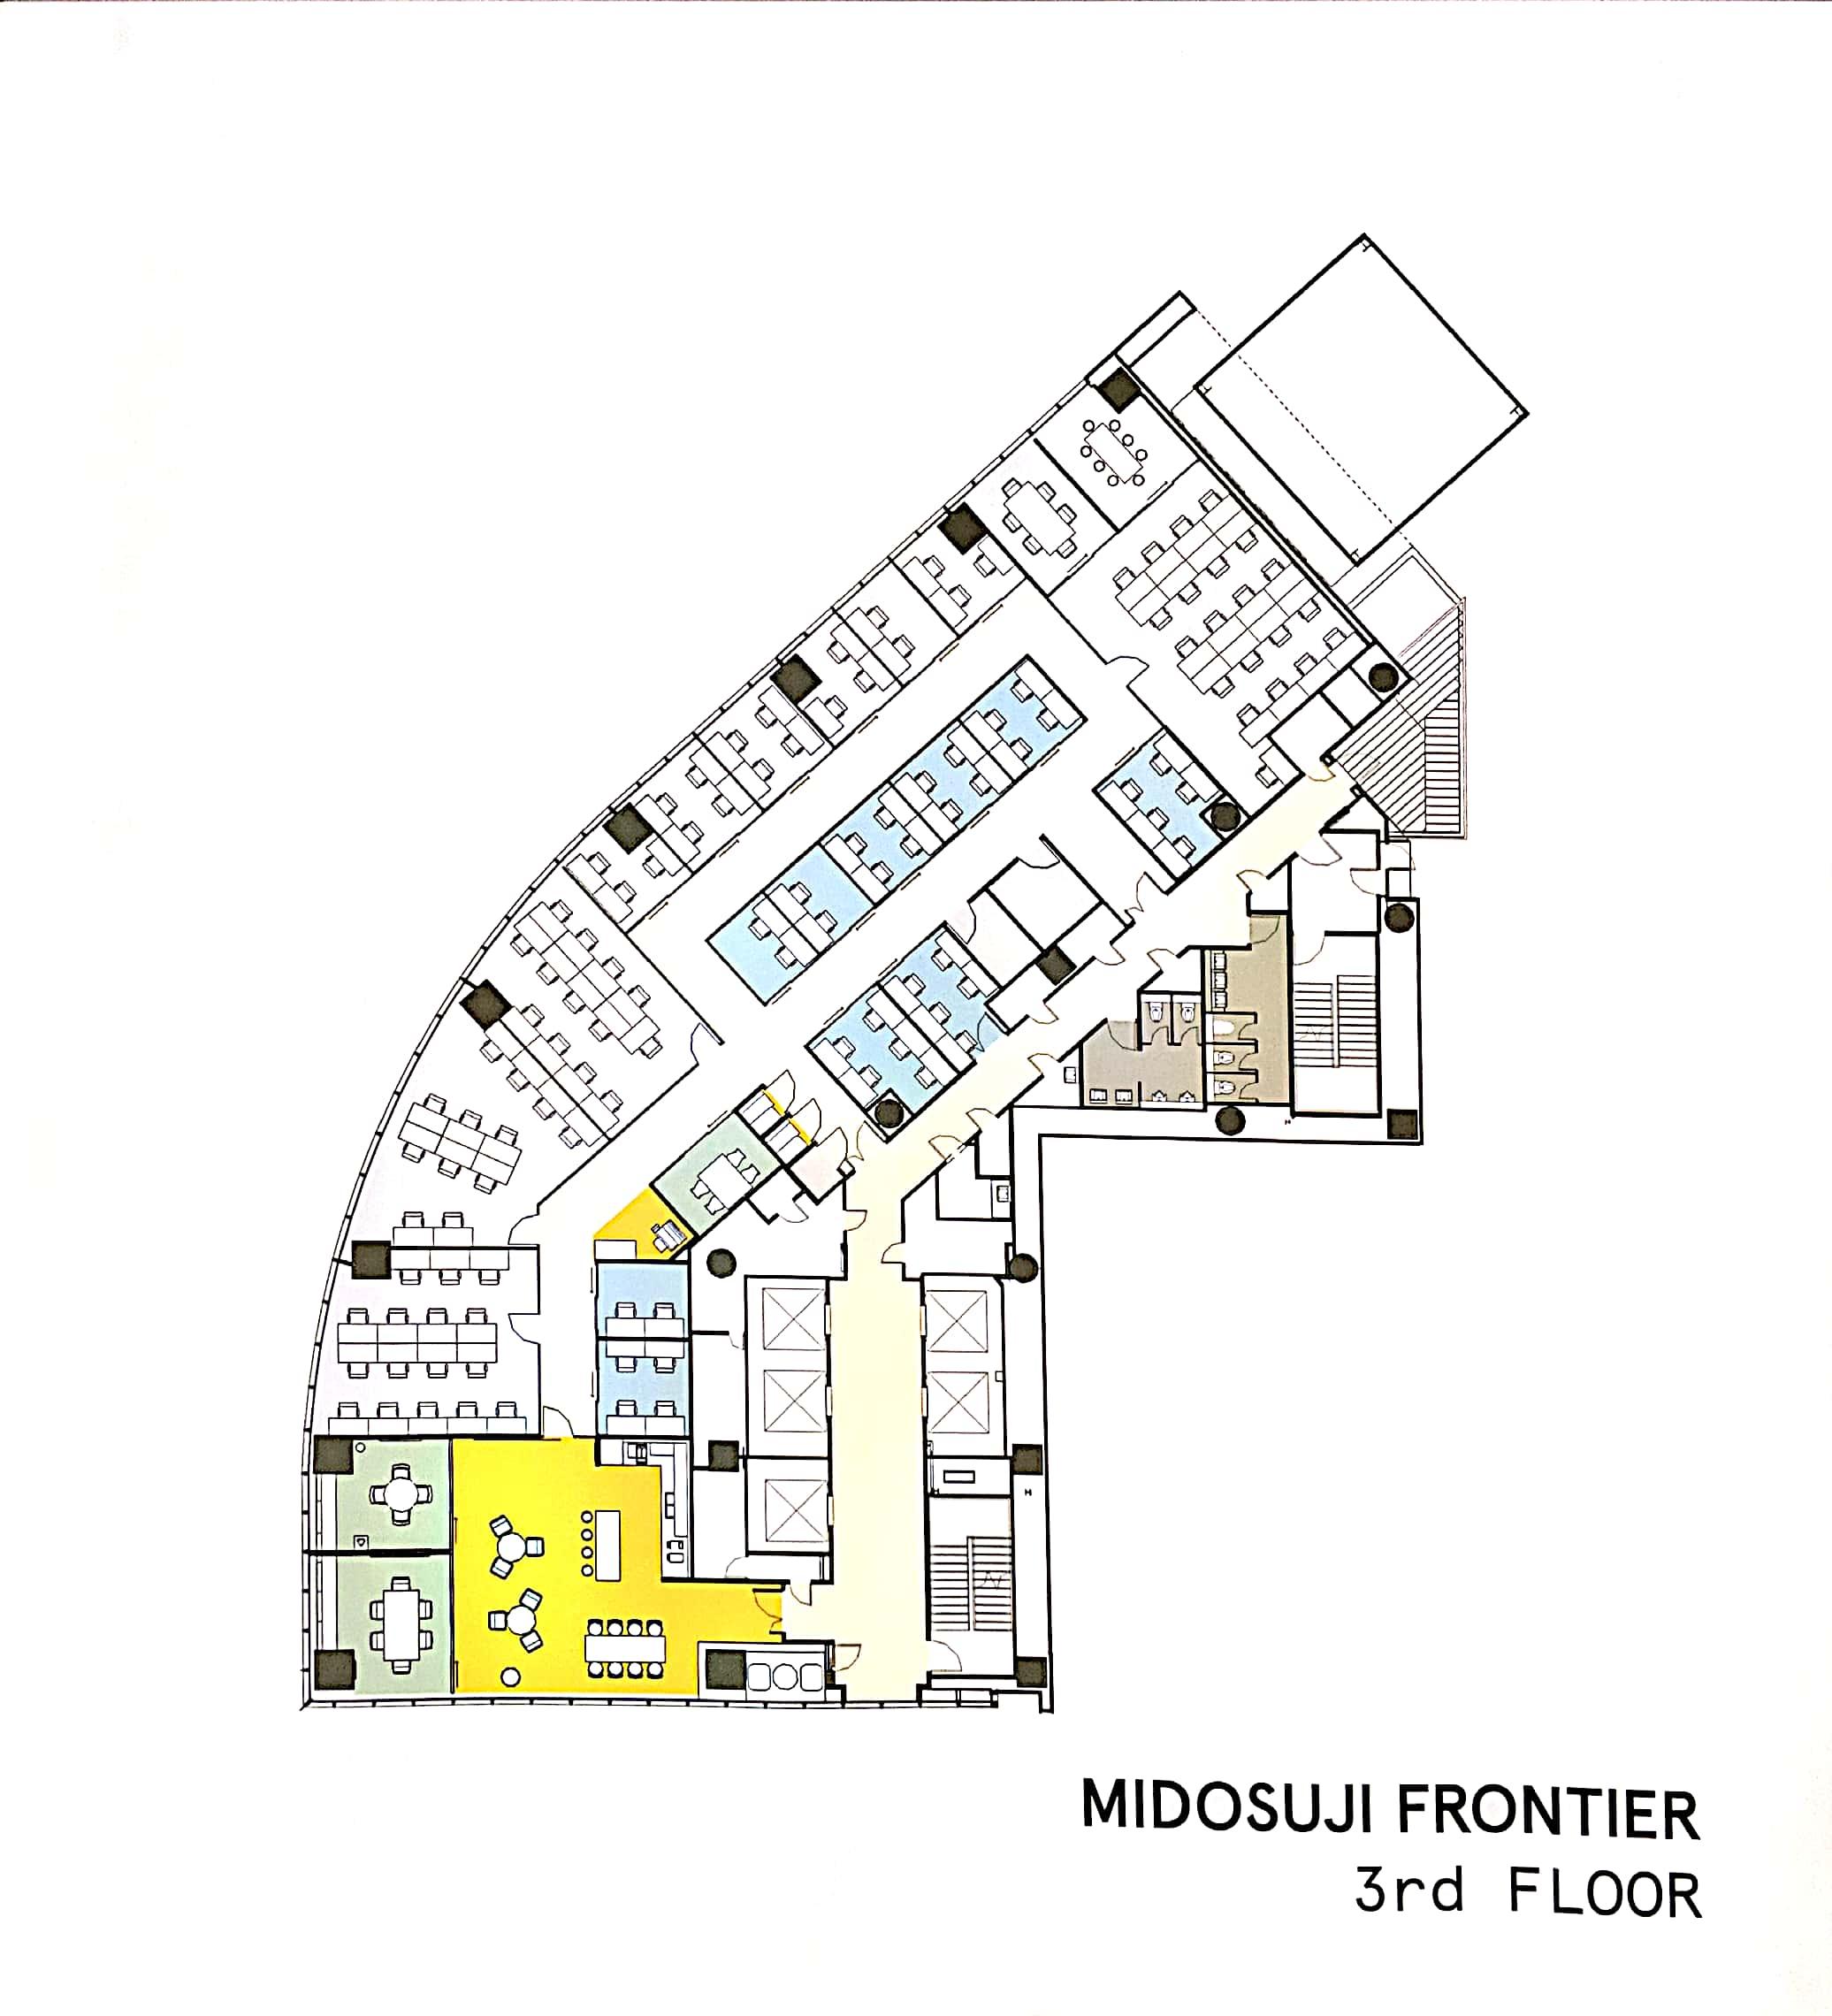 midosuji_frontier_3rd_floor.jpg